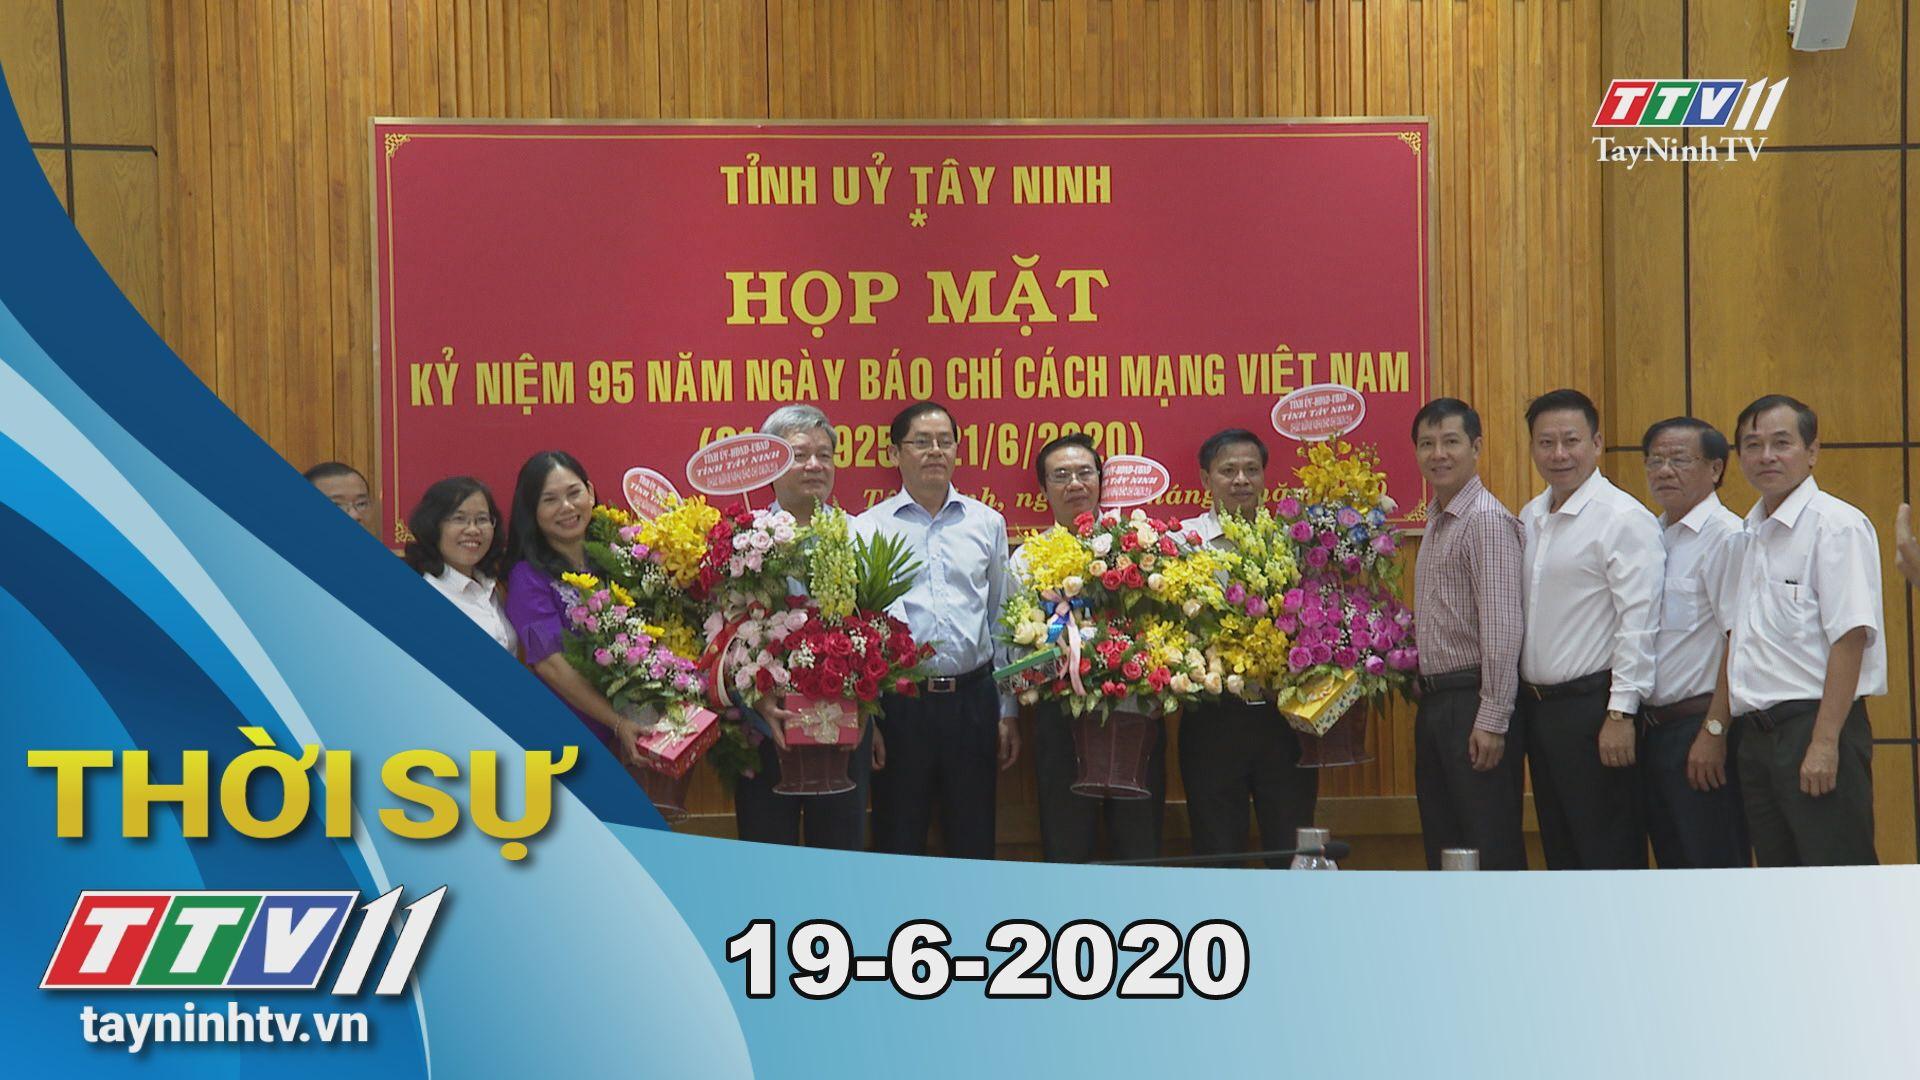 Thời sự Tây Ninh 19-6-2020 | Tin tức hôm nay | TayNinhTV